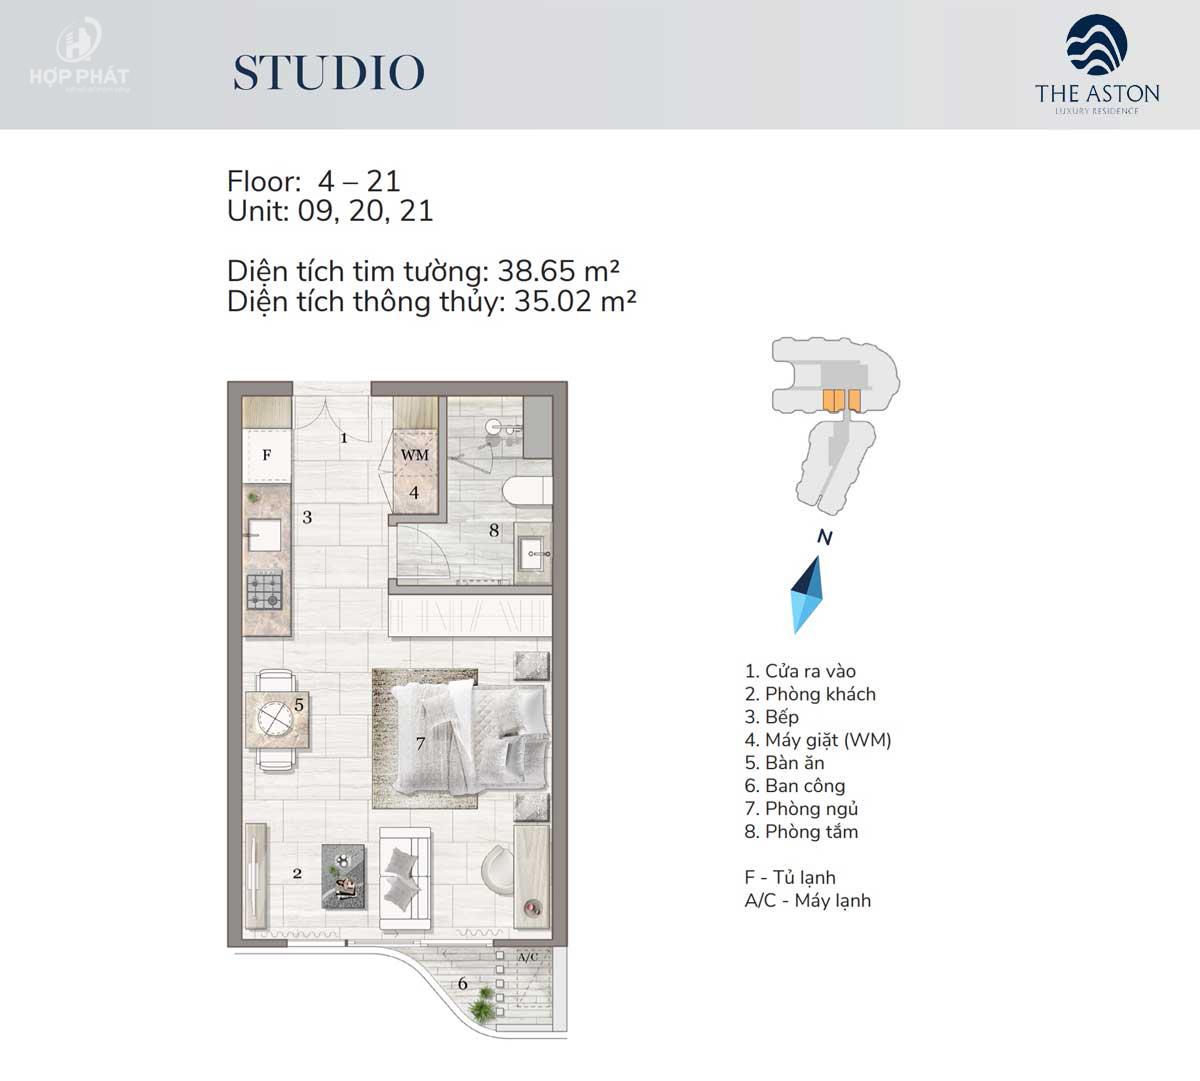 căn hộ studio của dự án The Aston Nha Trang